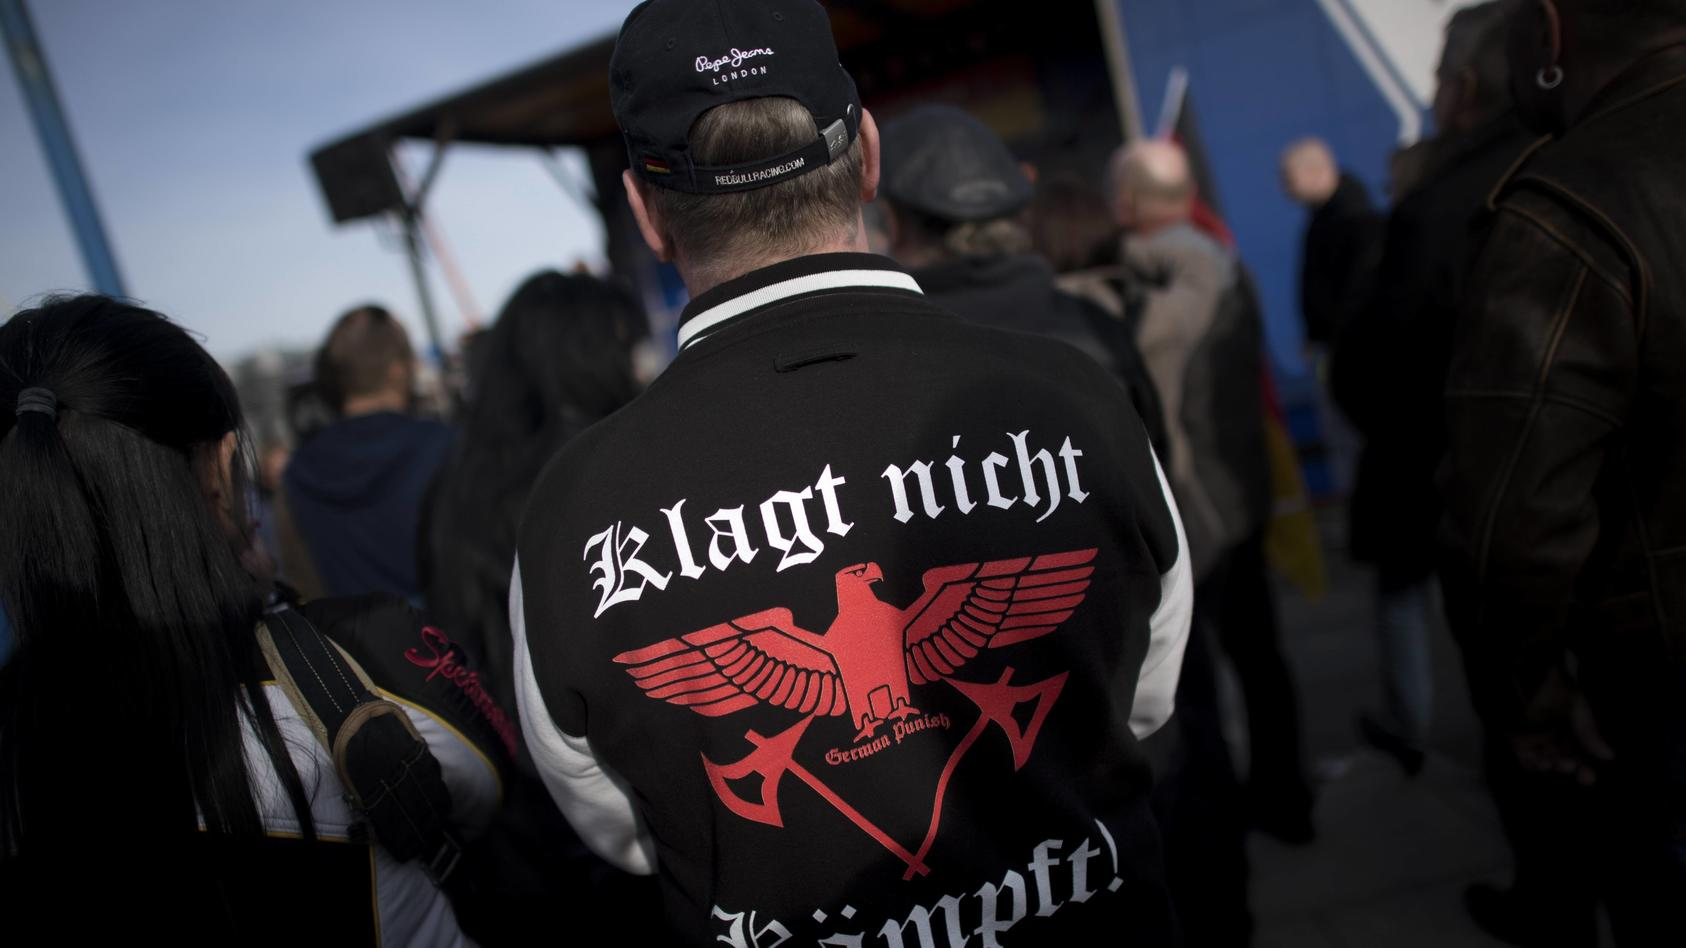 Merkel Muss Weg Rechte Demo DEU Deutschland Germany Berlin 04 03 2017 Demonstranten mit t shi